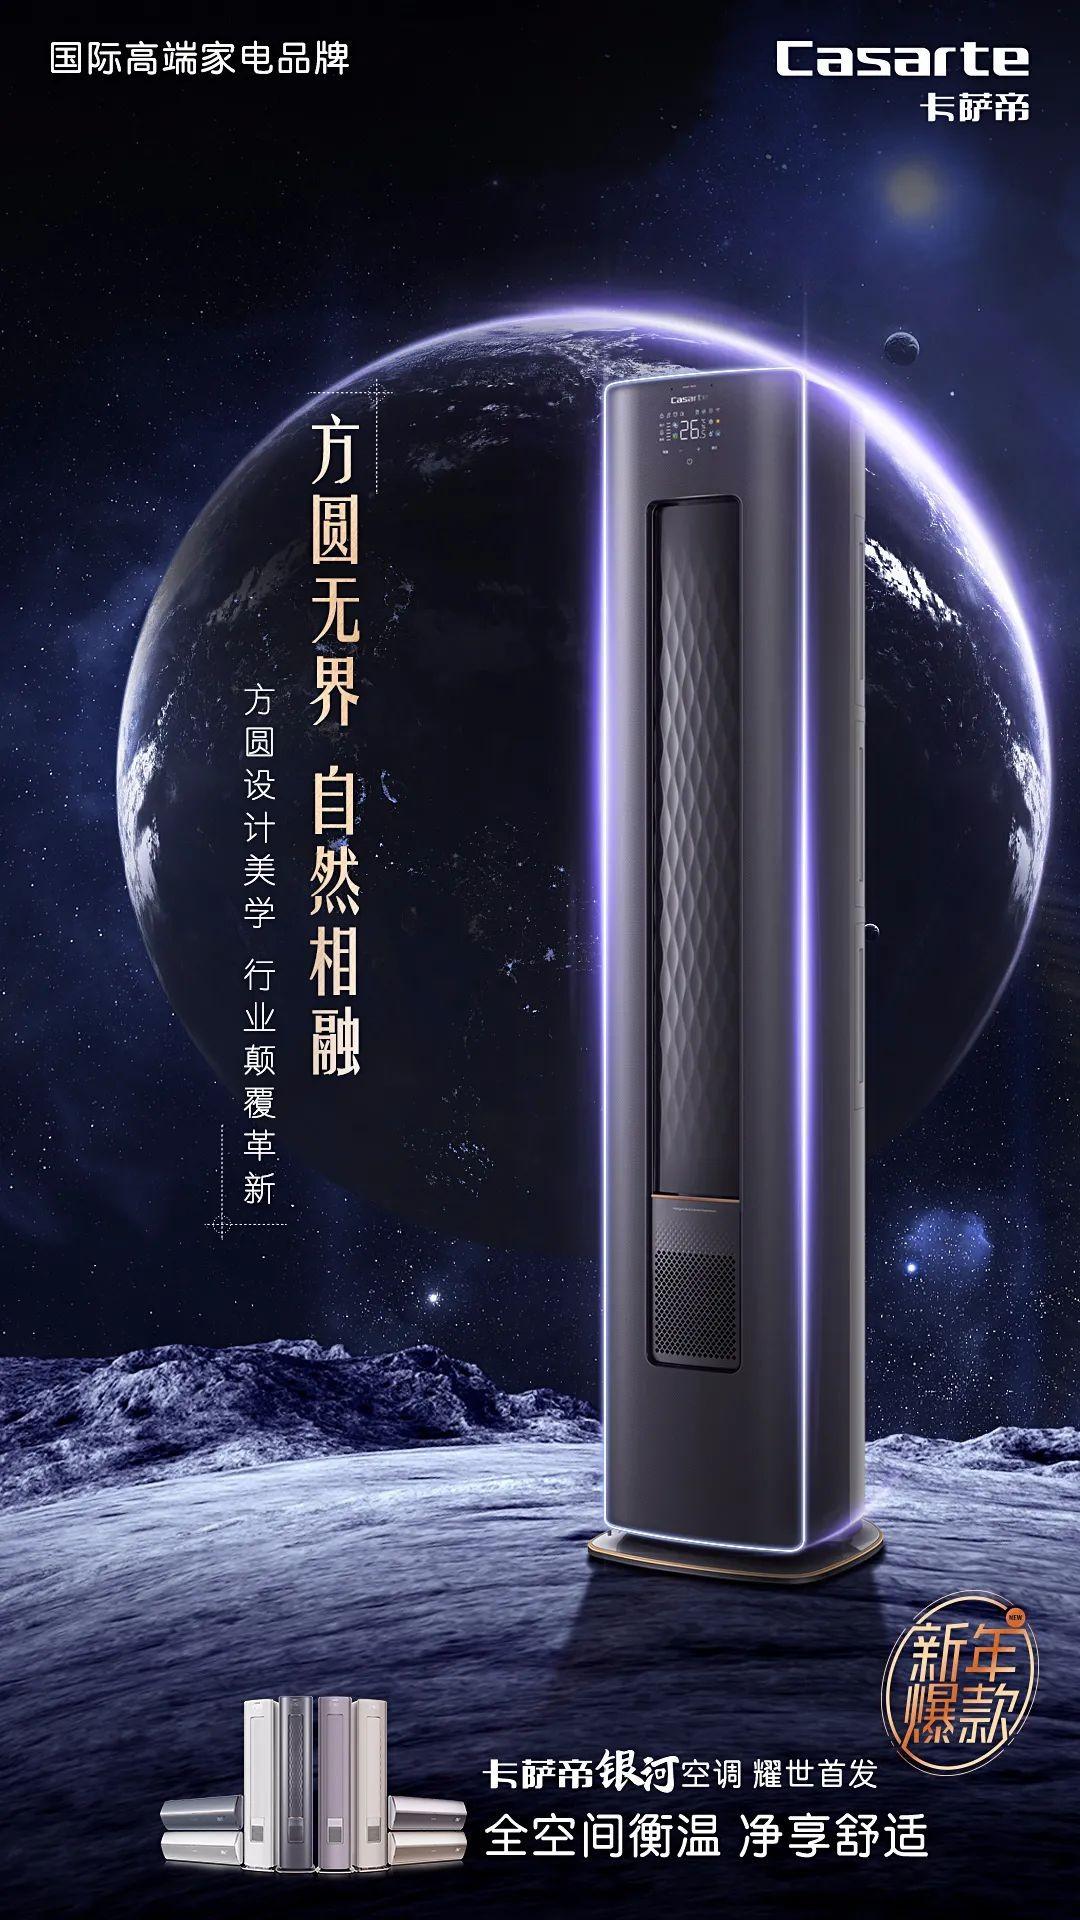 卡萨帝银河空调闪耀上市,高端设计感与黑科技完美叠加-产业互联网